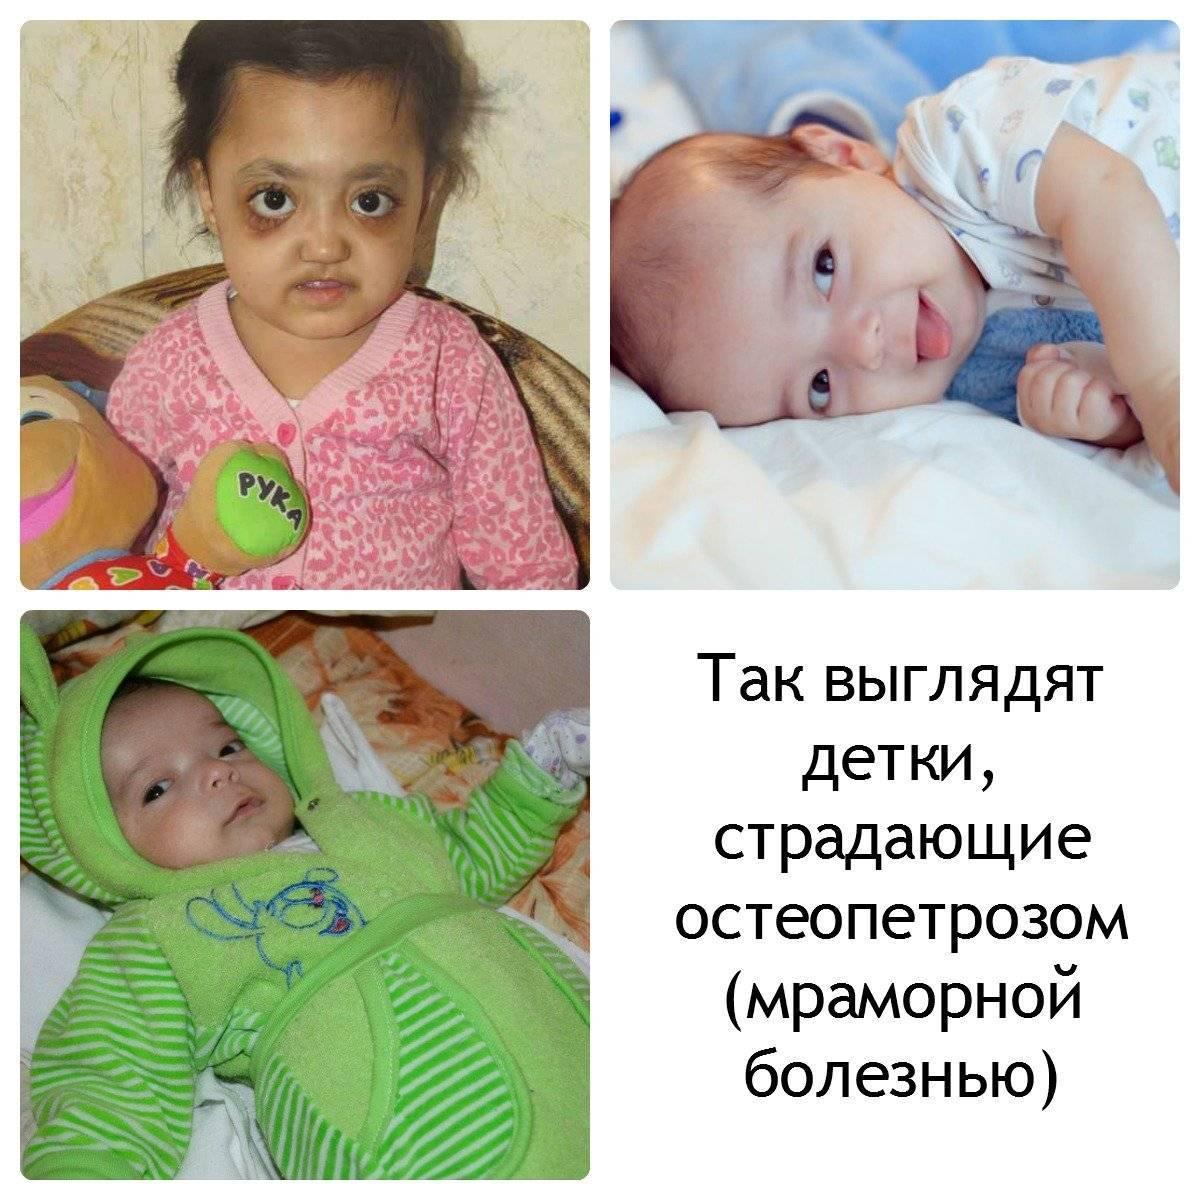 Остеопетроз у детей: причины, симптомы и лечение мраморной болезни с фото